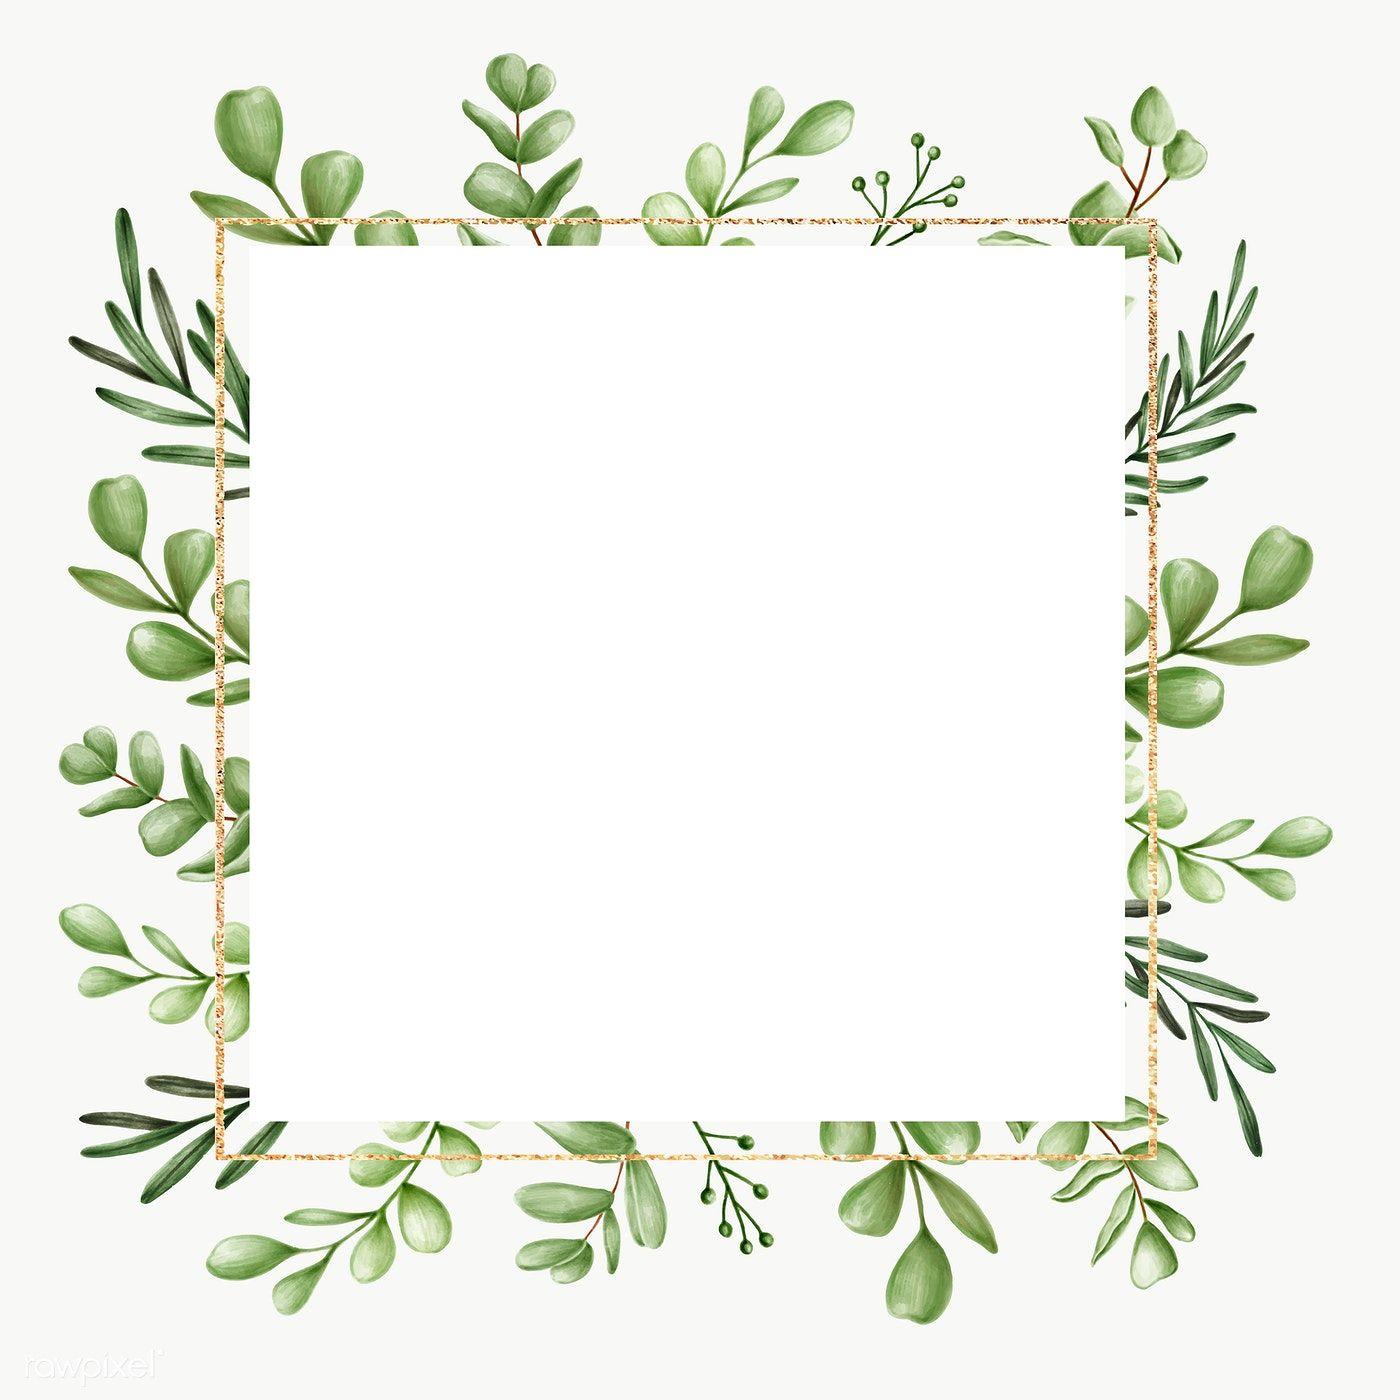 Download Premium Png Of Green Floral Frame Transparent Png 2032804 Green Leaf Background Floral Background Floral Border Design